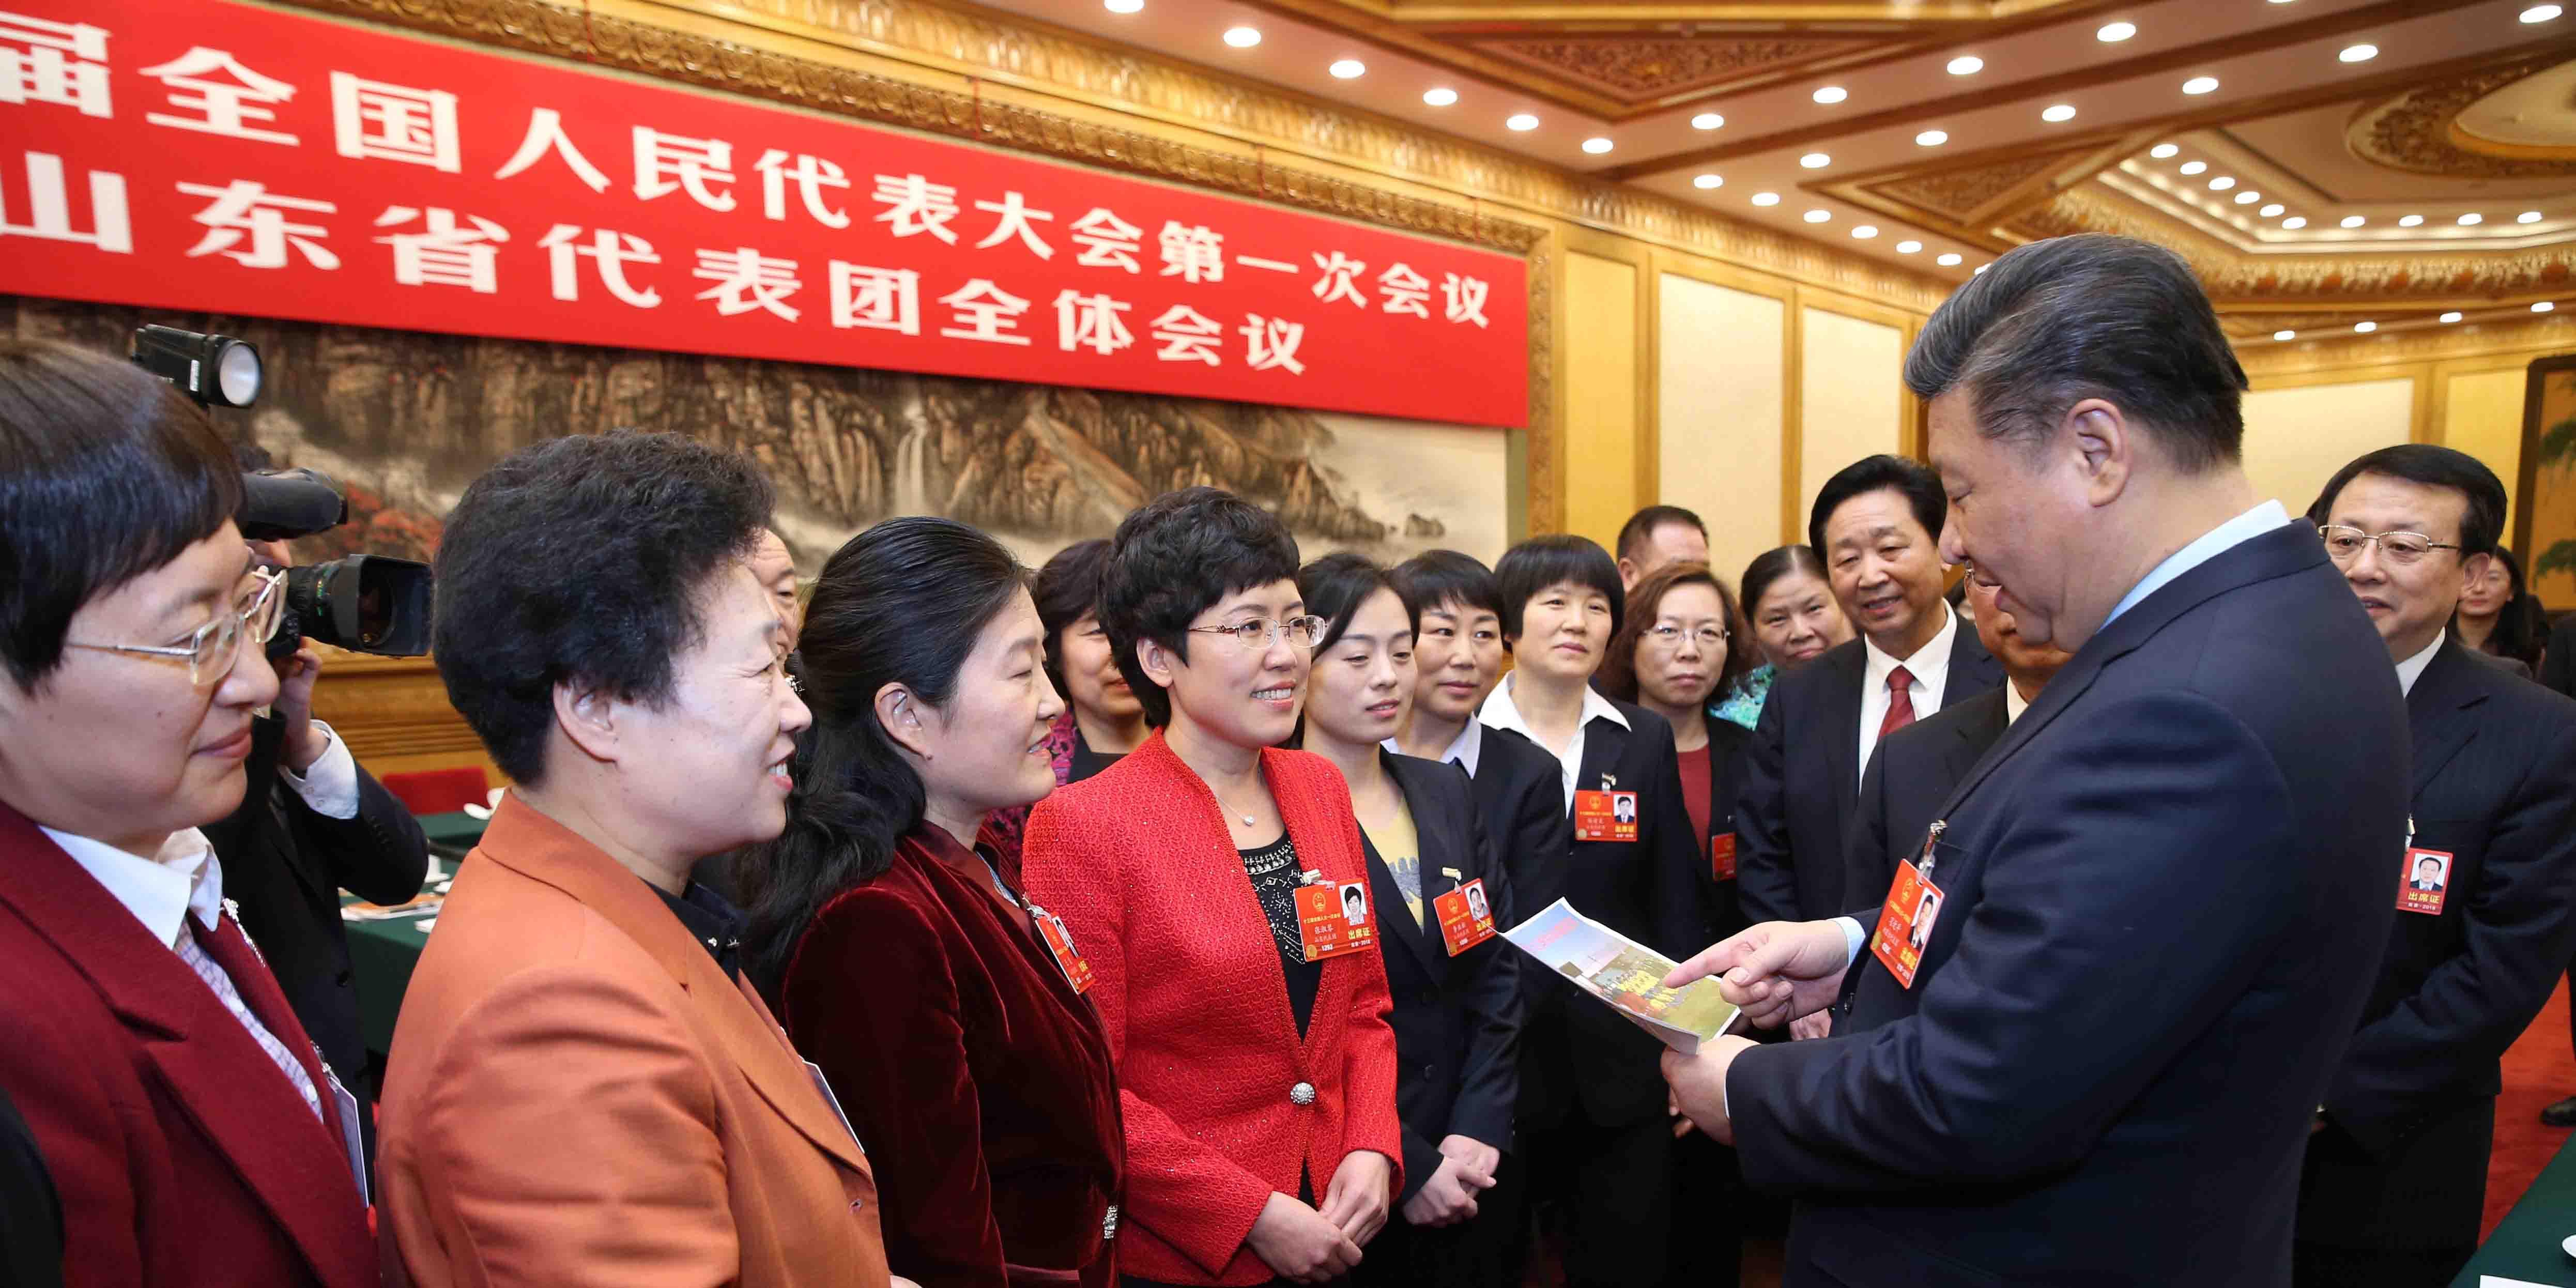 Líderes chineses enfatizam vitalização rural e desenvolvimento de alta qualidade